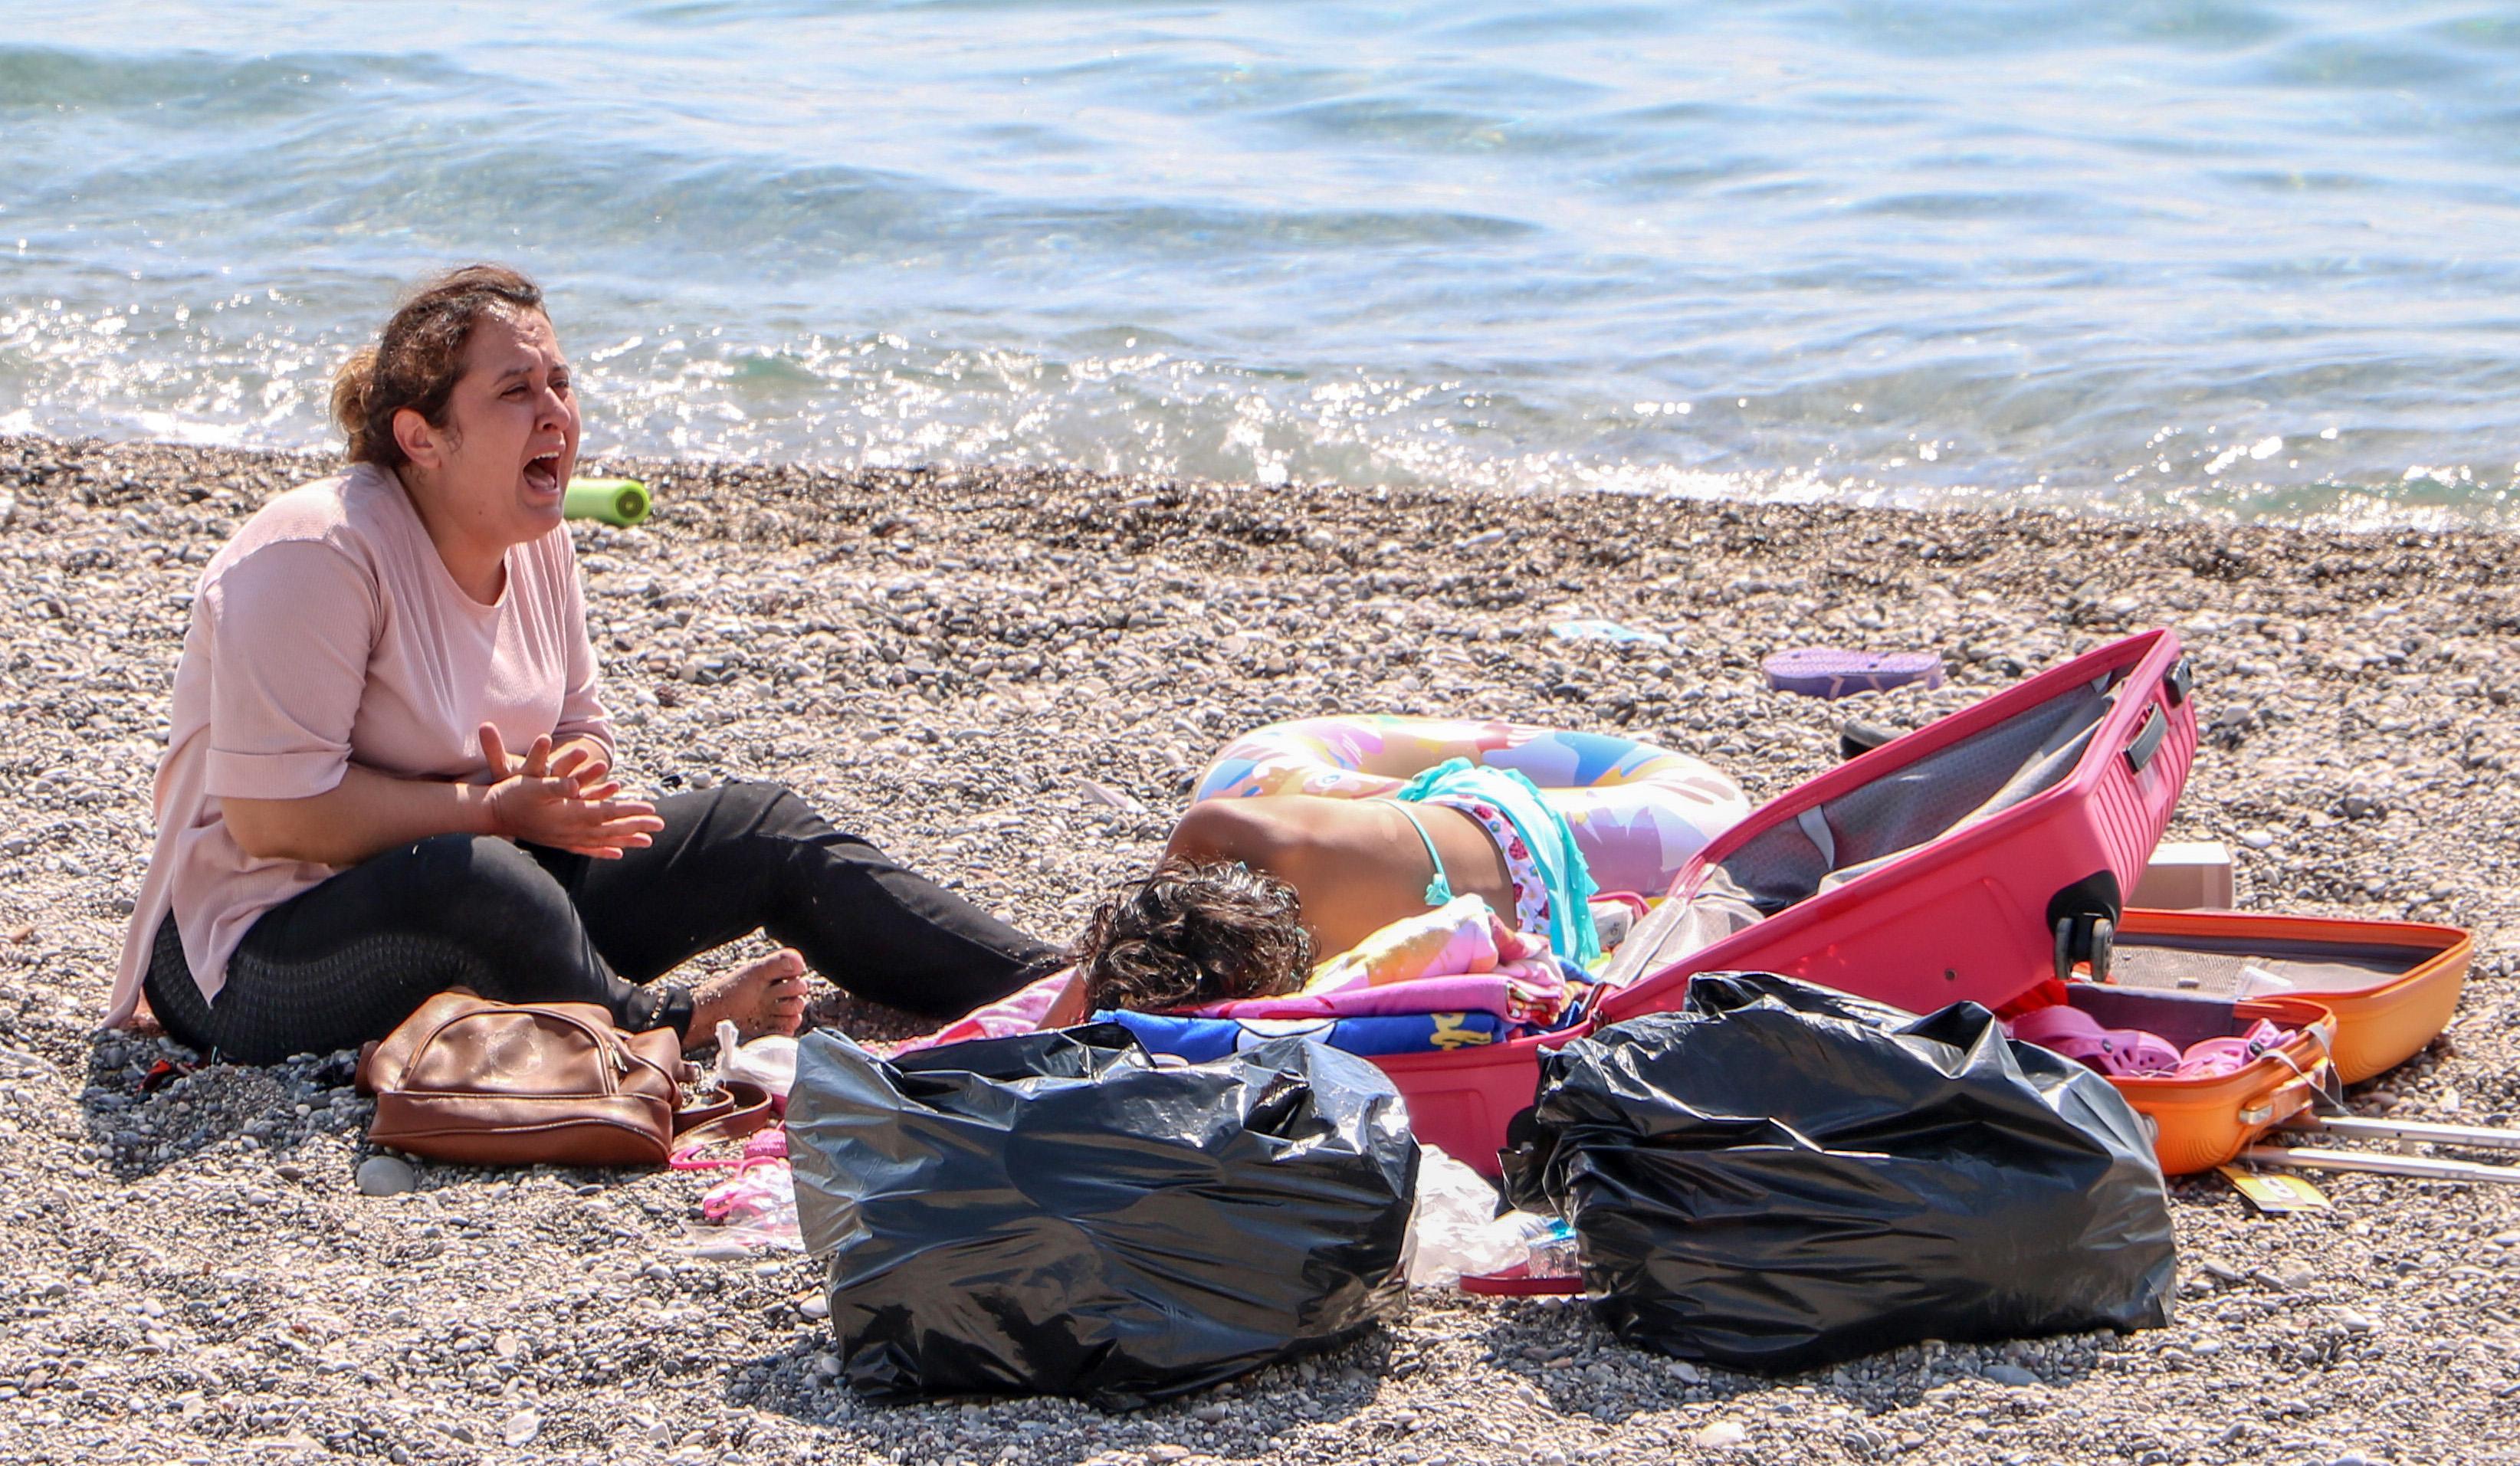 sahilde-olmek-istemiyorum-diye-aglayan-kadin-koronaviruslu-cikti-6844-dhaphoto2.jpg